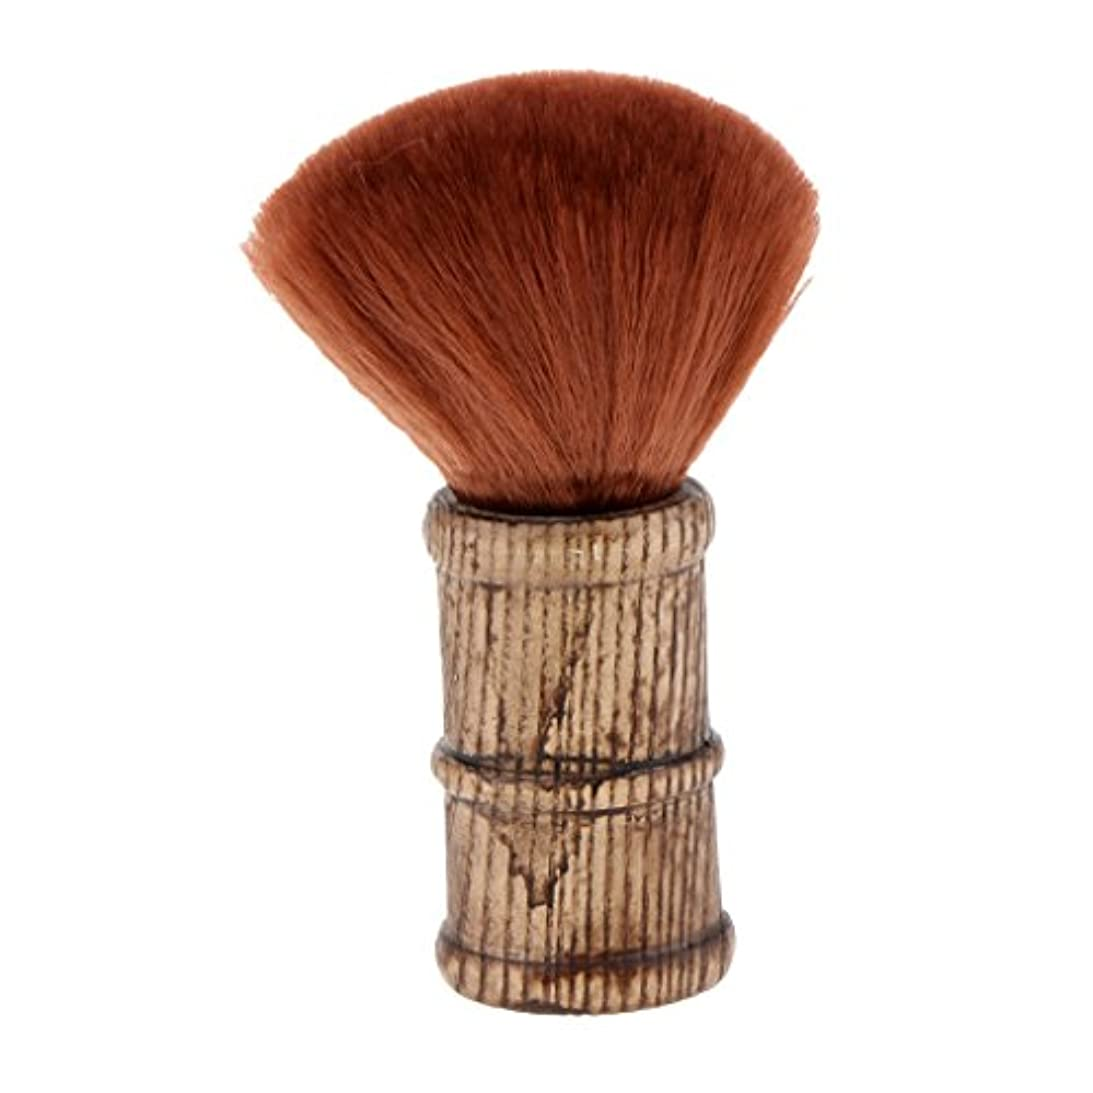 最少明快不透明なヘアカット 散髪 クリーニングヘアブラシ ネックダスターブラシ ヘアスイープブラシ 2色選べる - 褐色